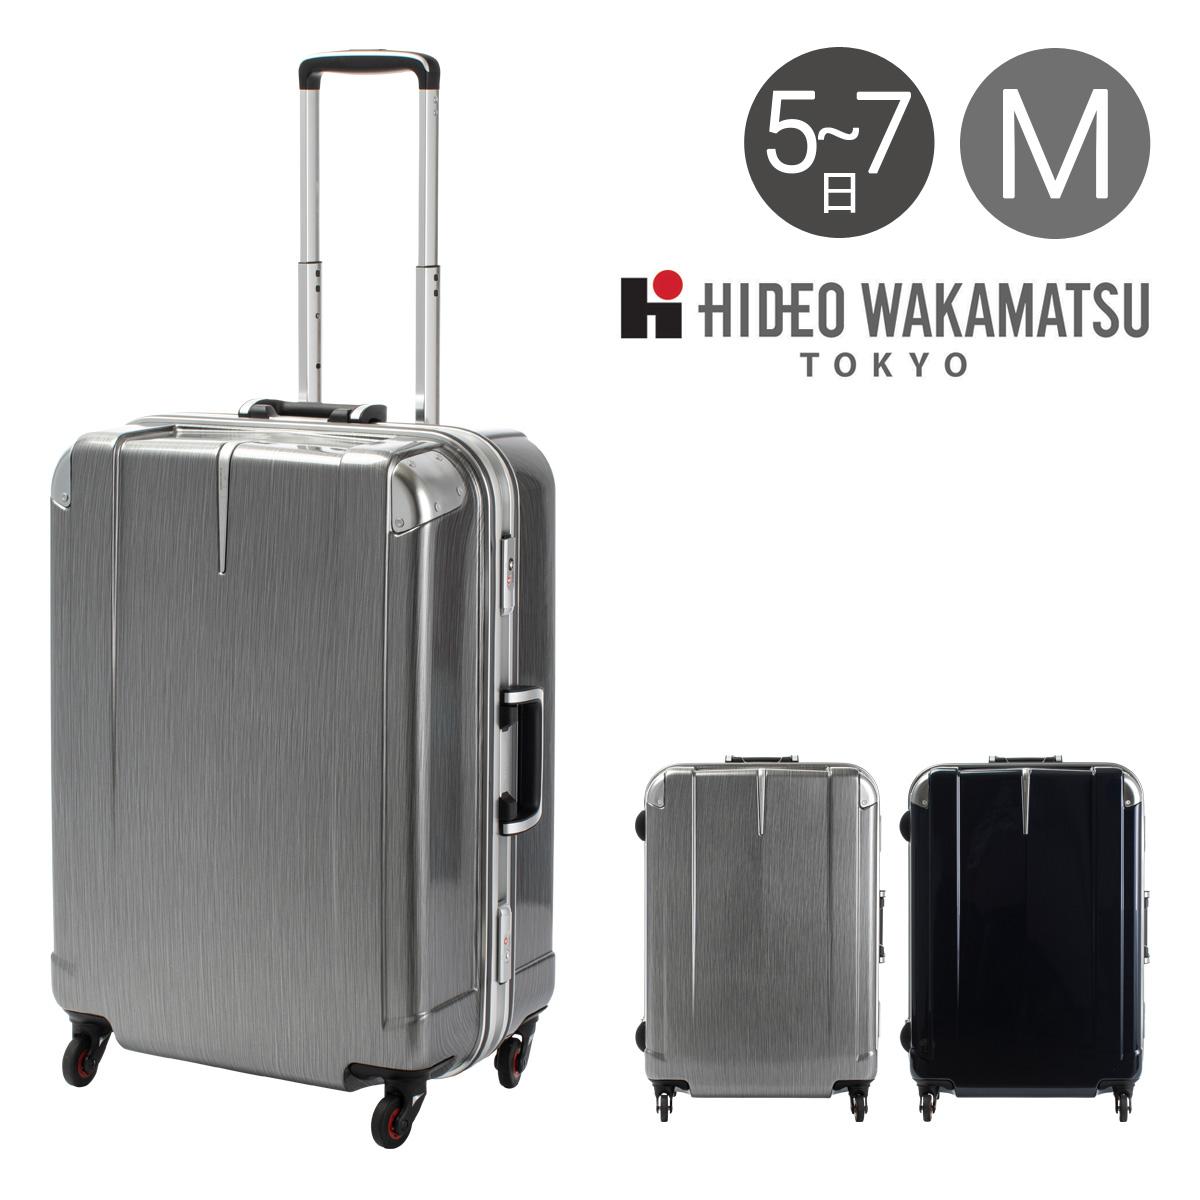 ヒデオワカマツ スーツケース ステルシー|72L 62.5cm 5.1kg 85-76440|ハード フレーム 静音 TSAロック搭載 [PO10][bef]